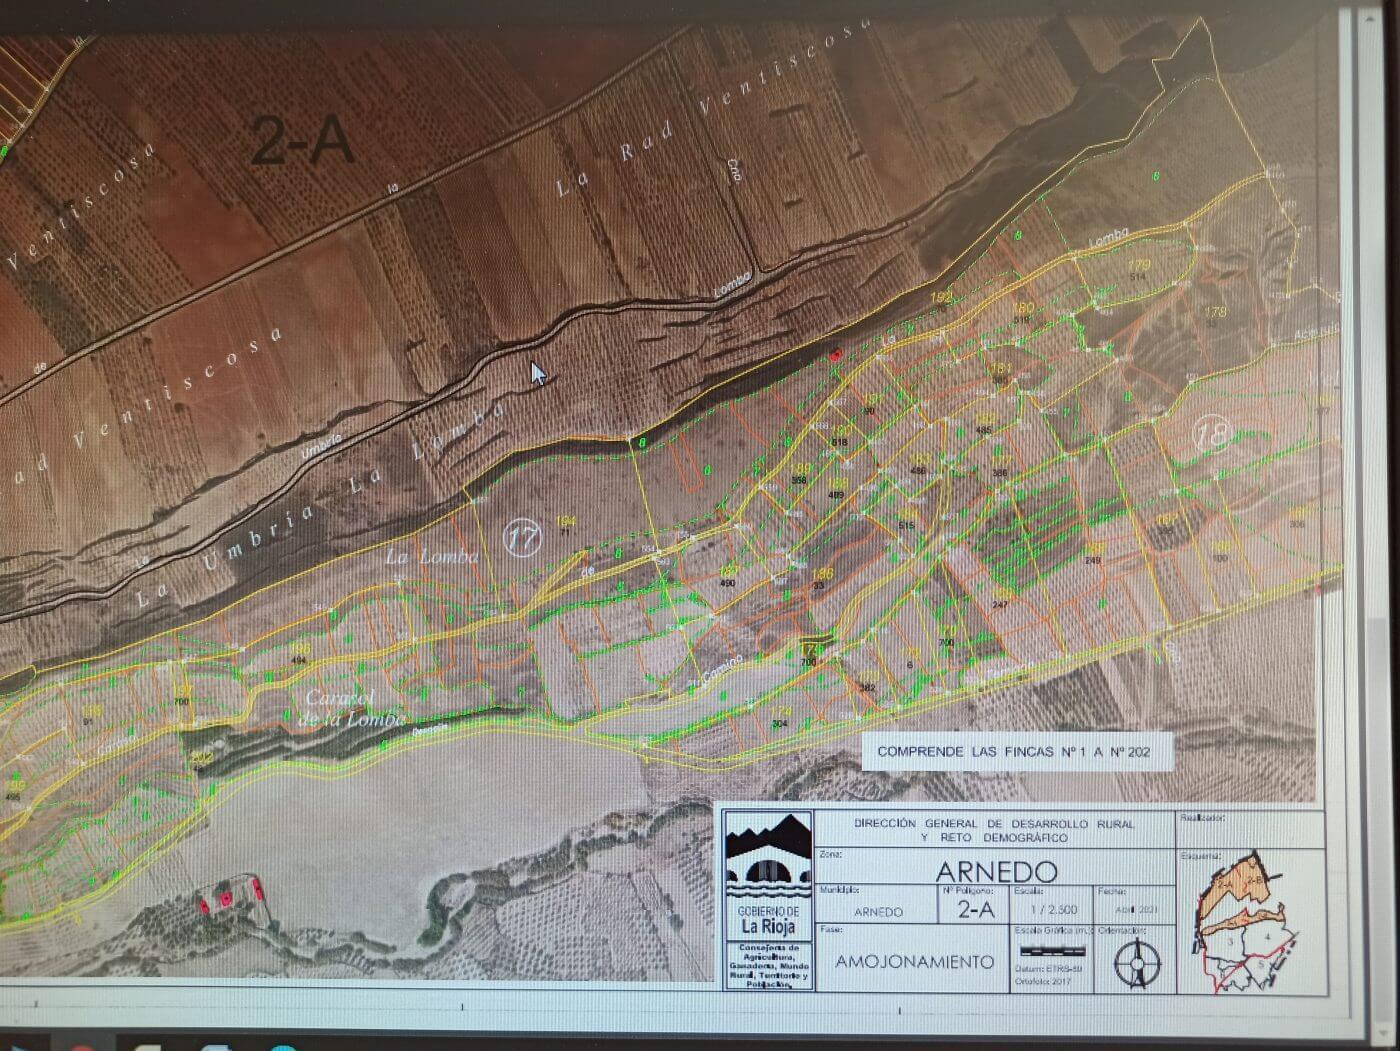 Los planos de la concentración parcelaria de Mabad-Bustarrío se pueden consultar en el Ayuntamiento de Arnedo hasta el 22 de mayo